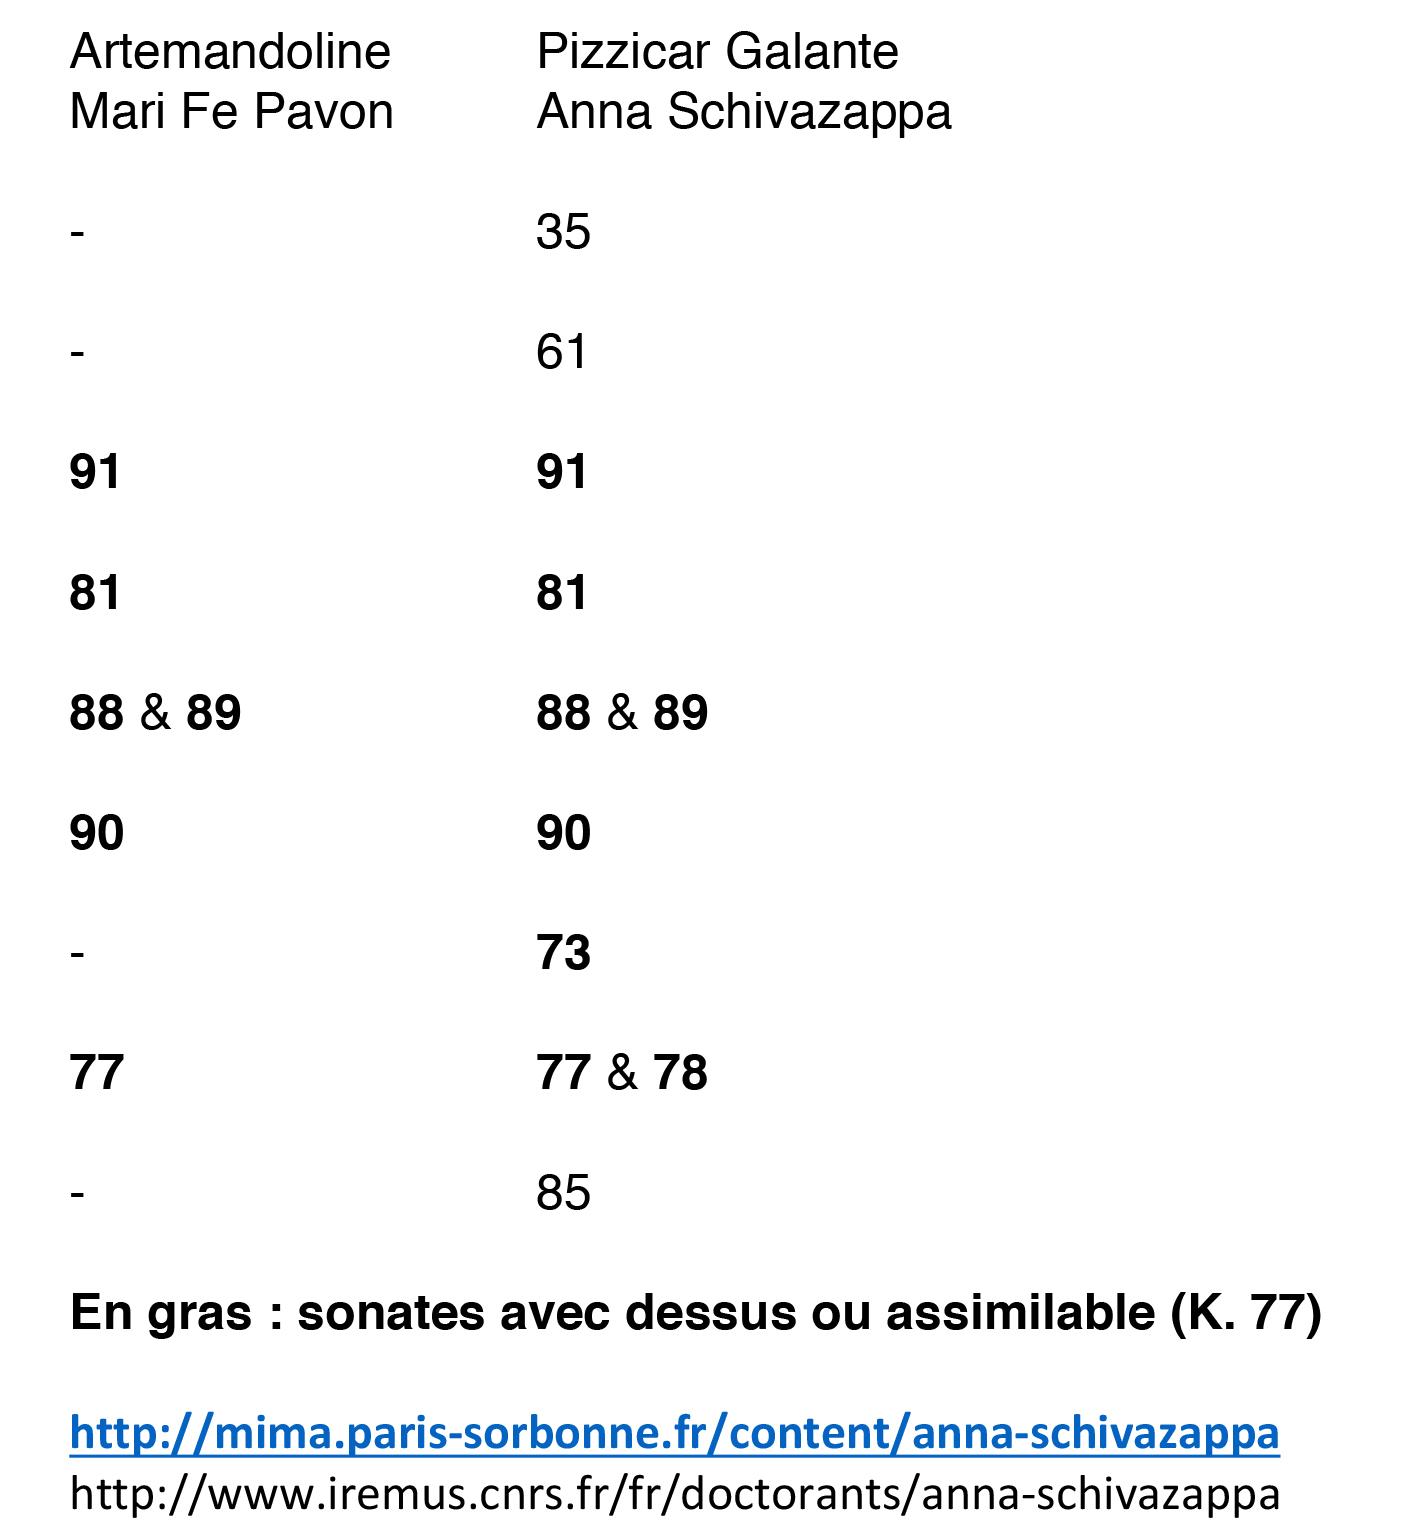 Domenico Scarlatti: discographie sélective - Page 6 Artema11